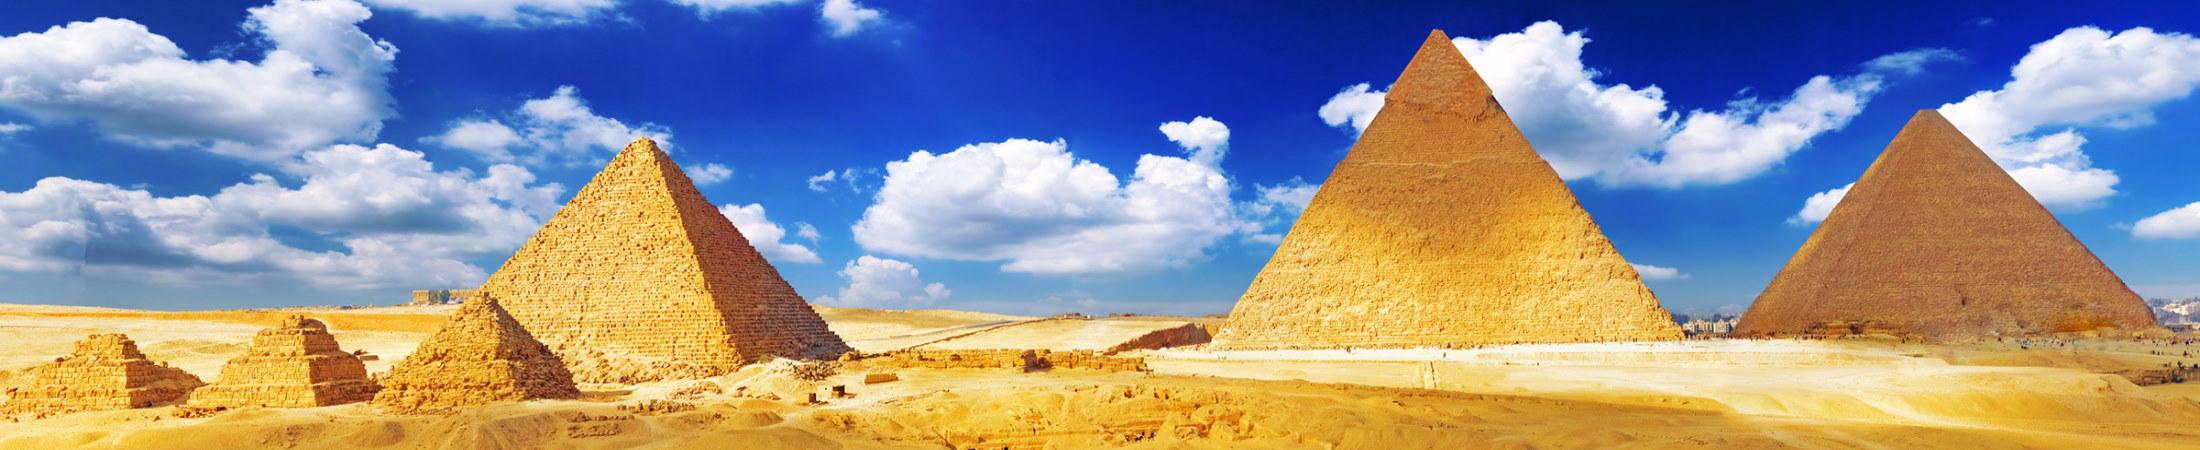 Dovolenka v Egypte